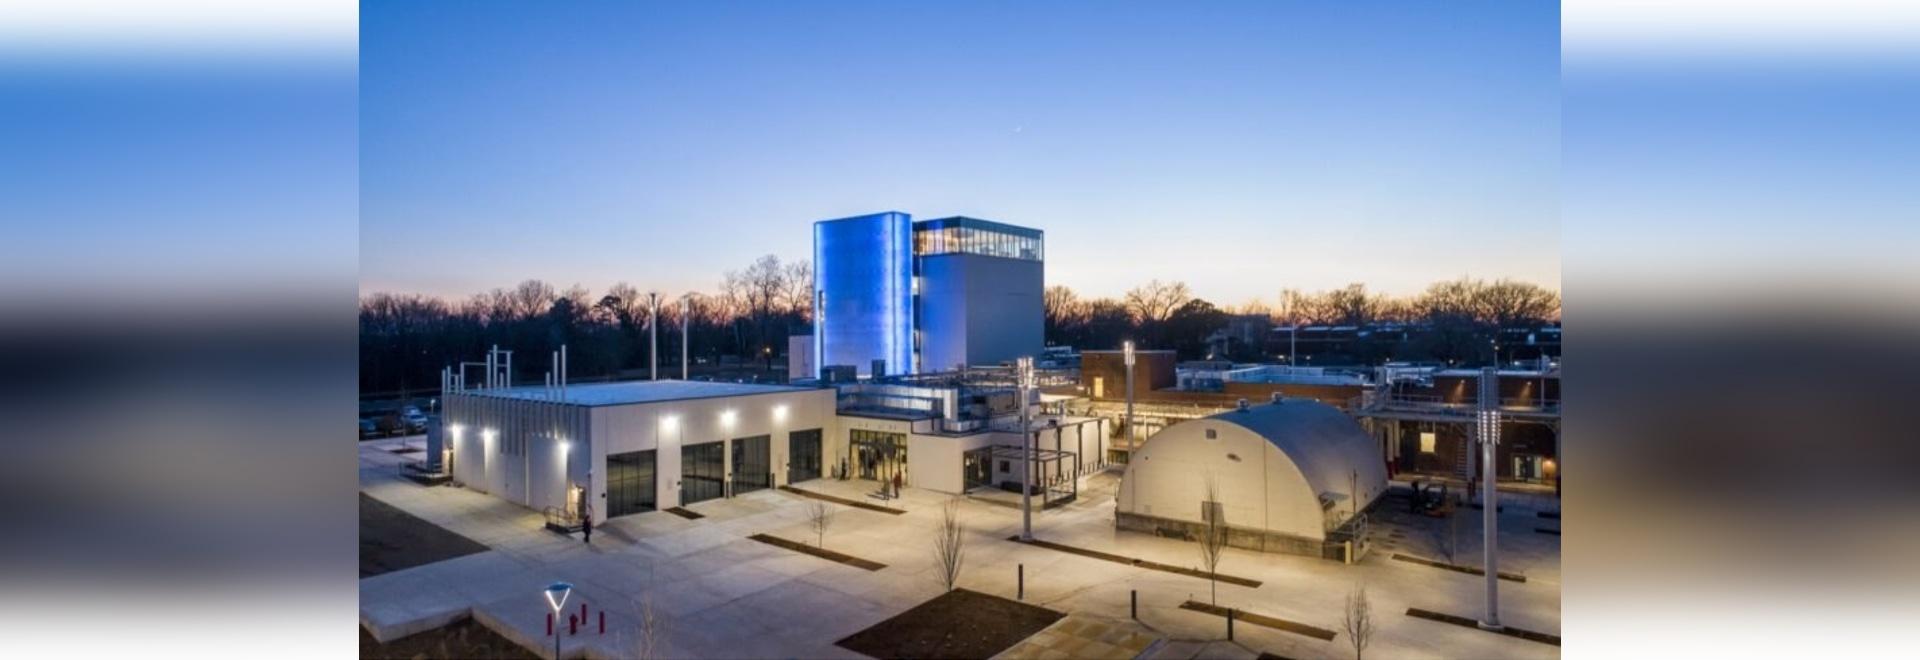 Dieses Museum für moderne Kunst war einst eine Käsefabrik in Arkansas